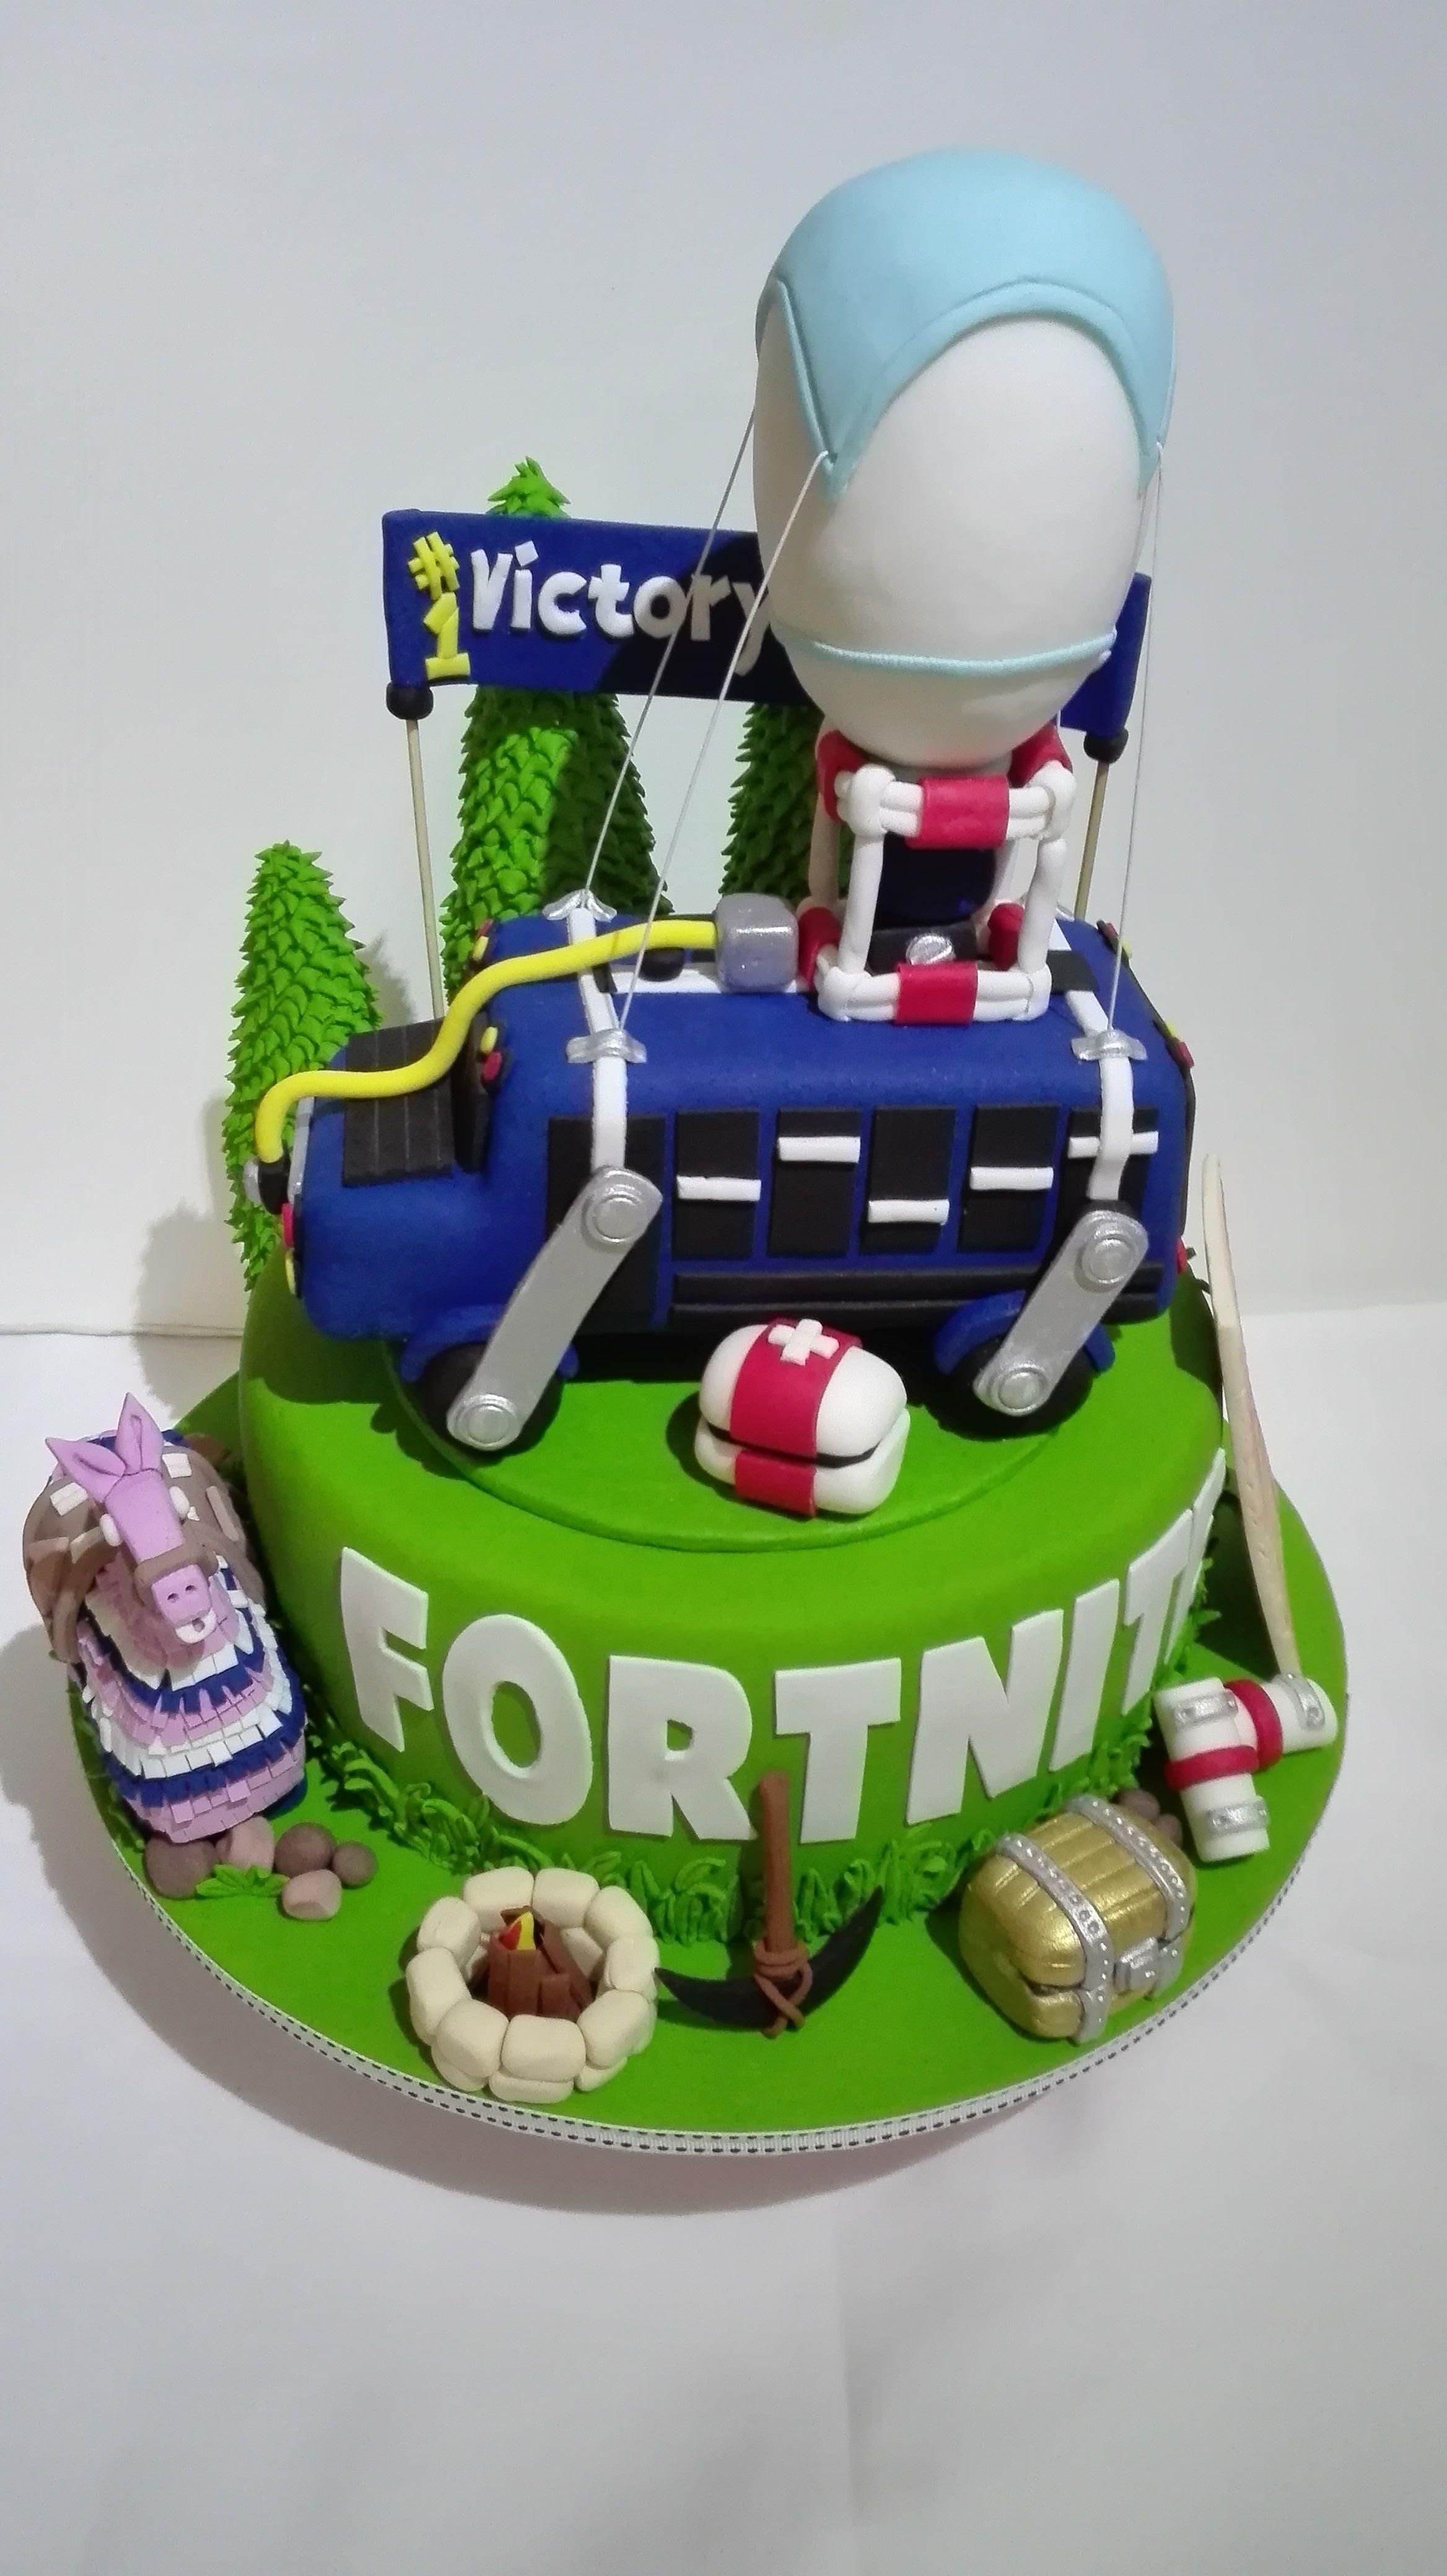 17 Geburtstag Torte Fortnite - Free V Bucks In Mobile